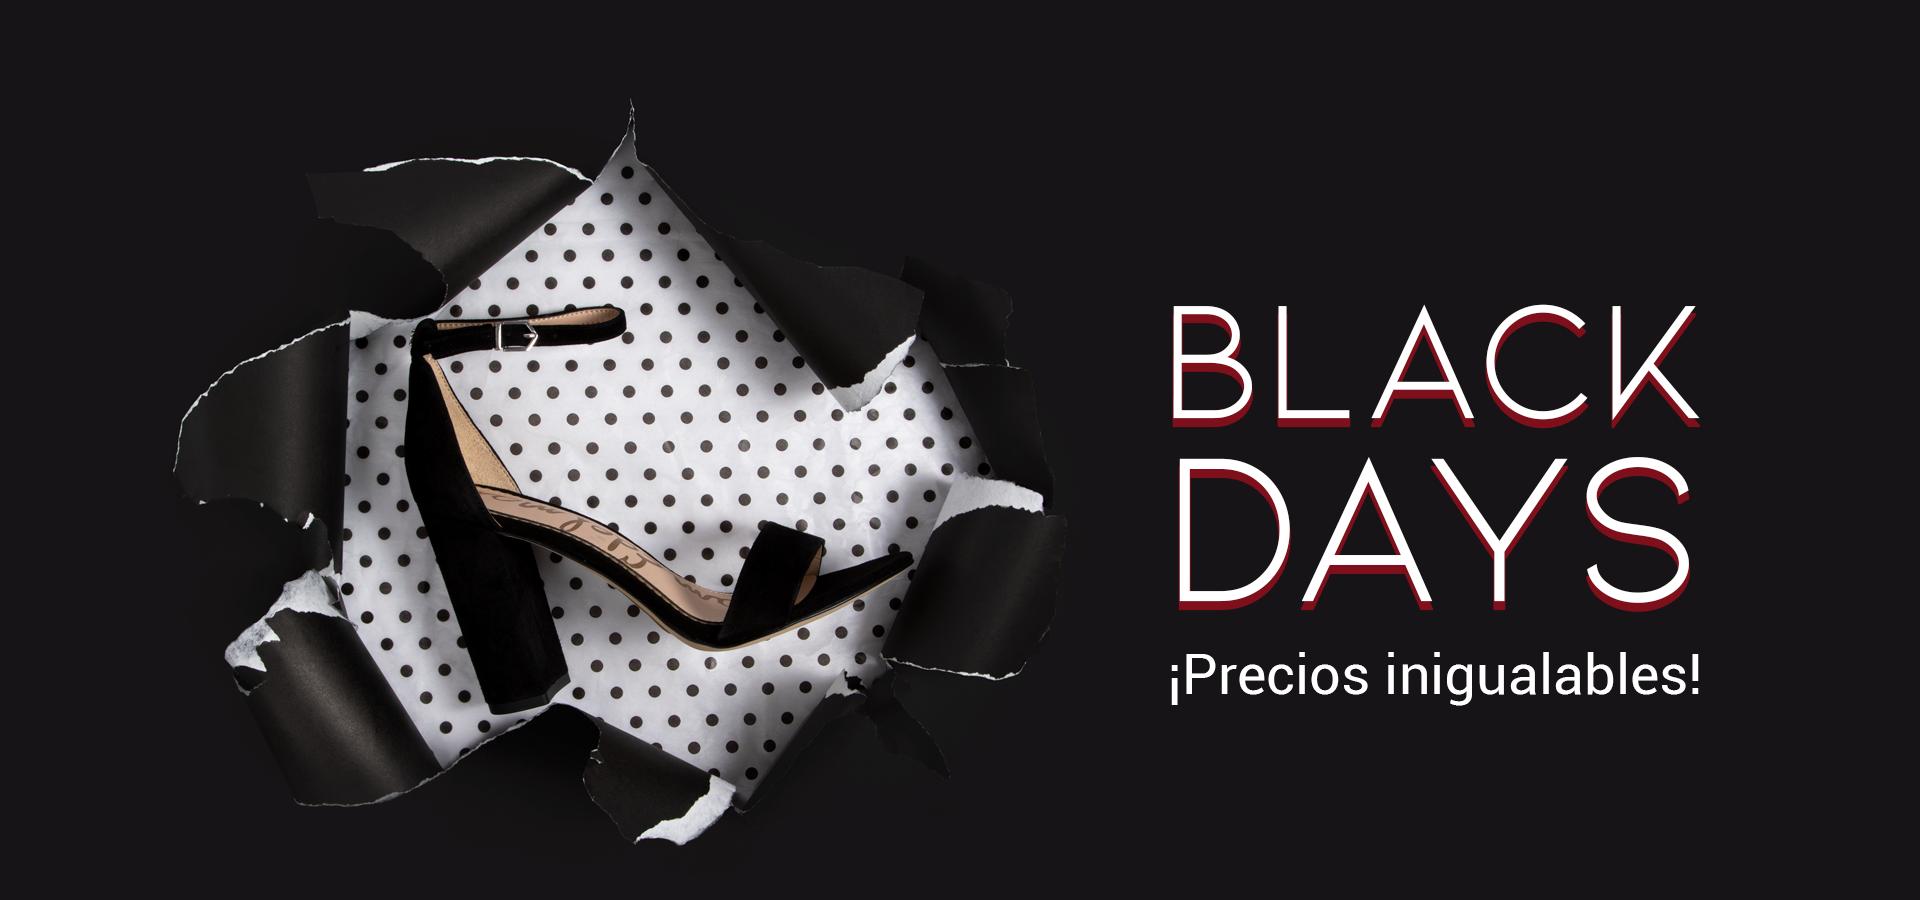 Black Days Precios Inigualables